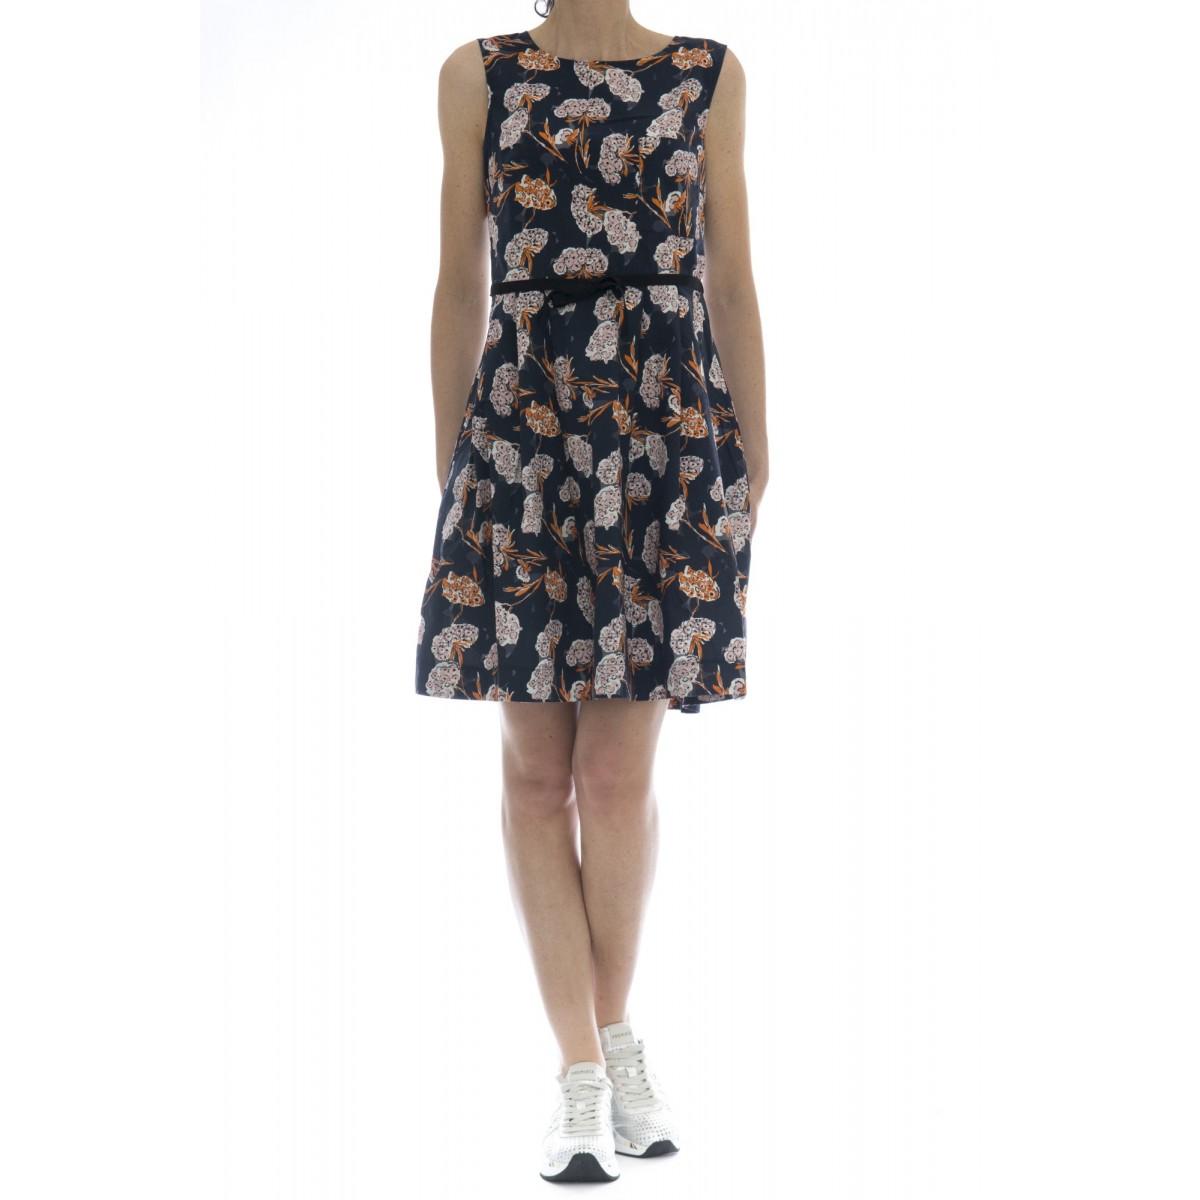 Vestito - Abi0364 vestito stampa